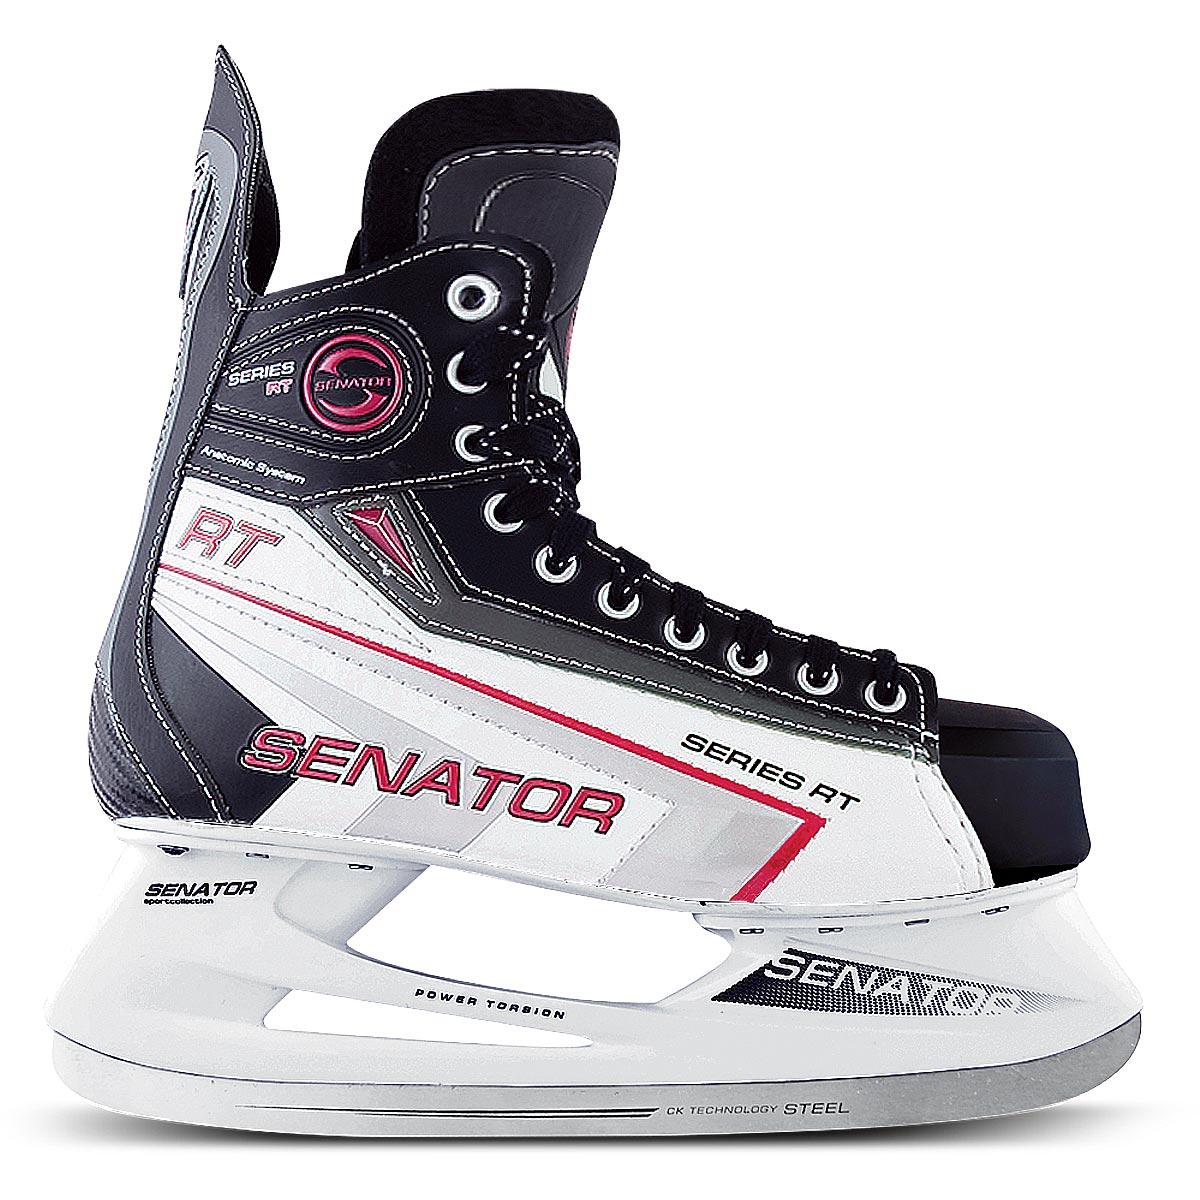 Коньки хоккейные мужские СК Senator RT, цвет: черный, белый. Размер 47Senator RTСтильные коньки от CK прекрасно подойдут для начинающих игроков в хоккей. Ботинок выполнен из морозоустойчивой искусственной кожи и ПВХ. Мыс дополнен вставкой, которая защитит ноги от ударов. Внутренний слой и стелька изготовлены из мягкого вельвета, который обеспечит тепло и комфорт во время катания, язычок - из войлока. Плотная шнуровка надежно фиксирует модель на ноге. Анатомический голеностоп имеет удобный суппорт. По верху коньки декорированы оригинальным принтом и тиснением в виде логотипа бренда. Подошва - из твердого пластика. Стойка выполнена из ударопрочного поливинилхлорида. Лезвие из нержавеющей стали обеспечит превосходное скольжение. Оригинальные коньки придутся вам по душе.